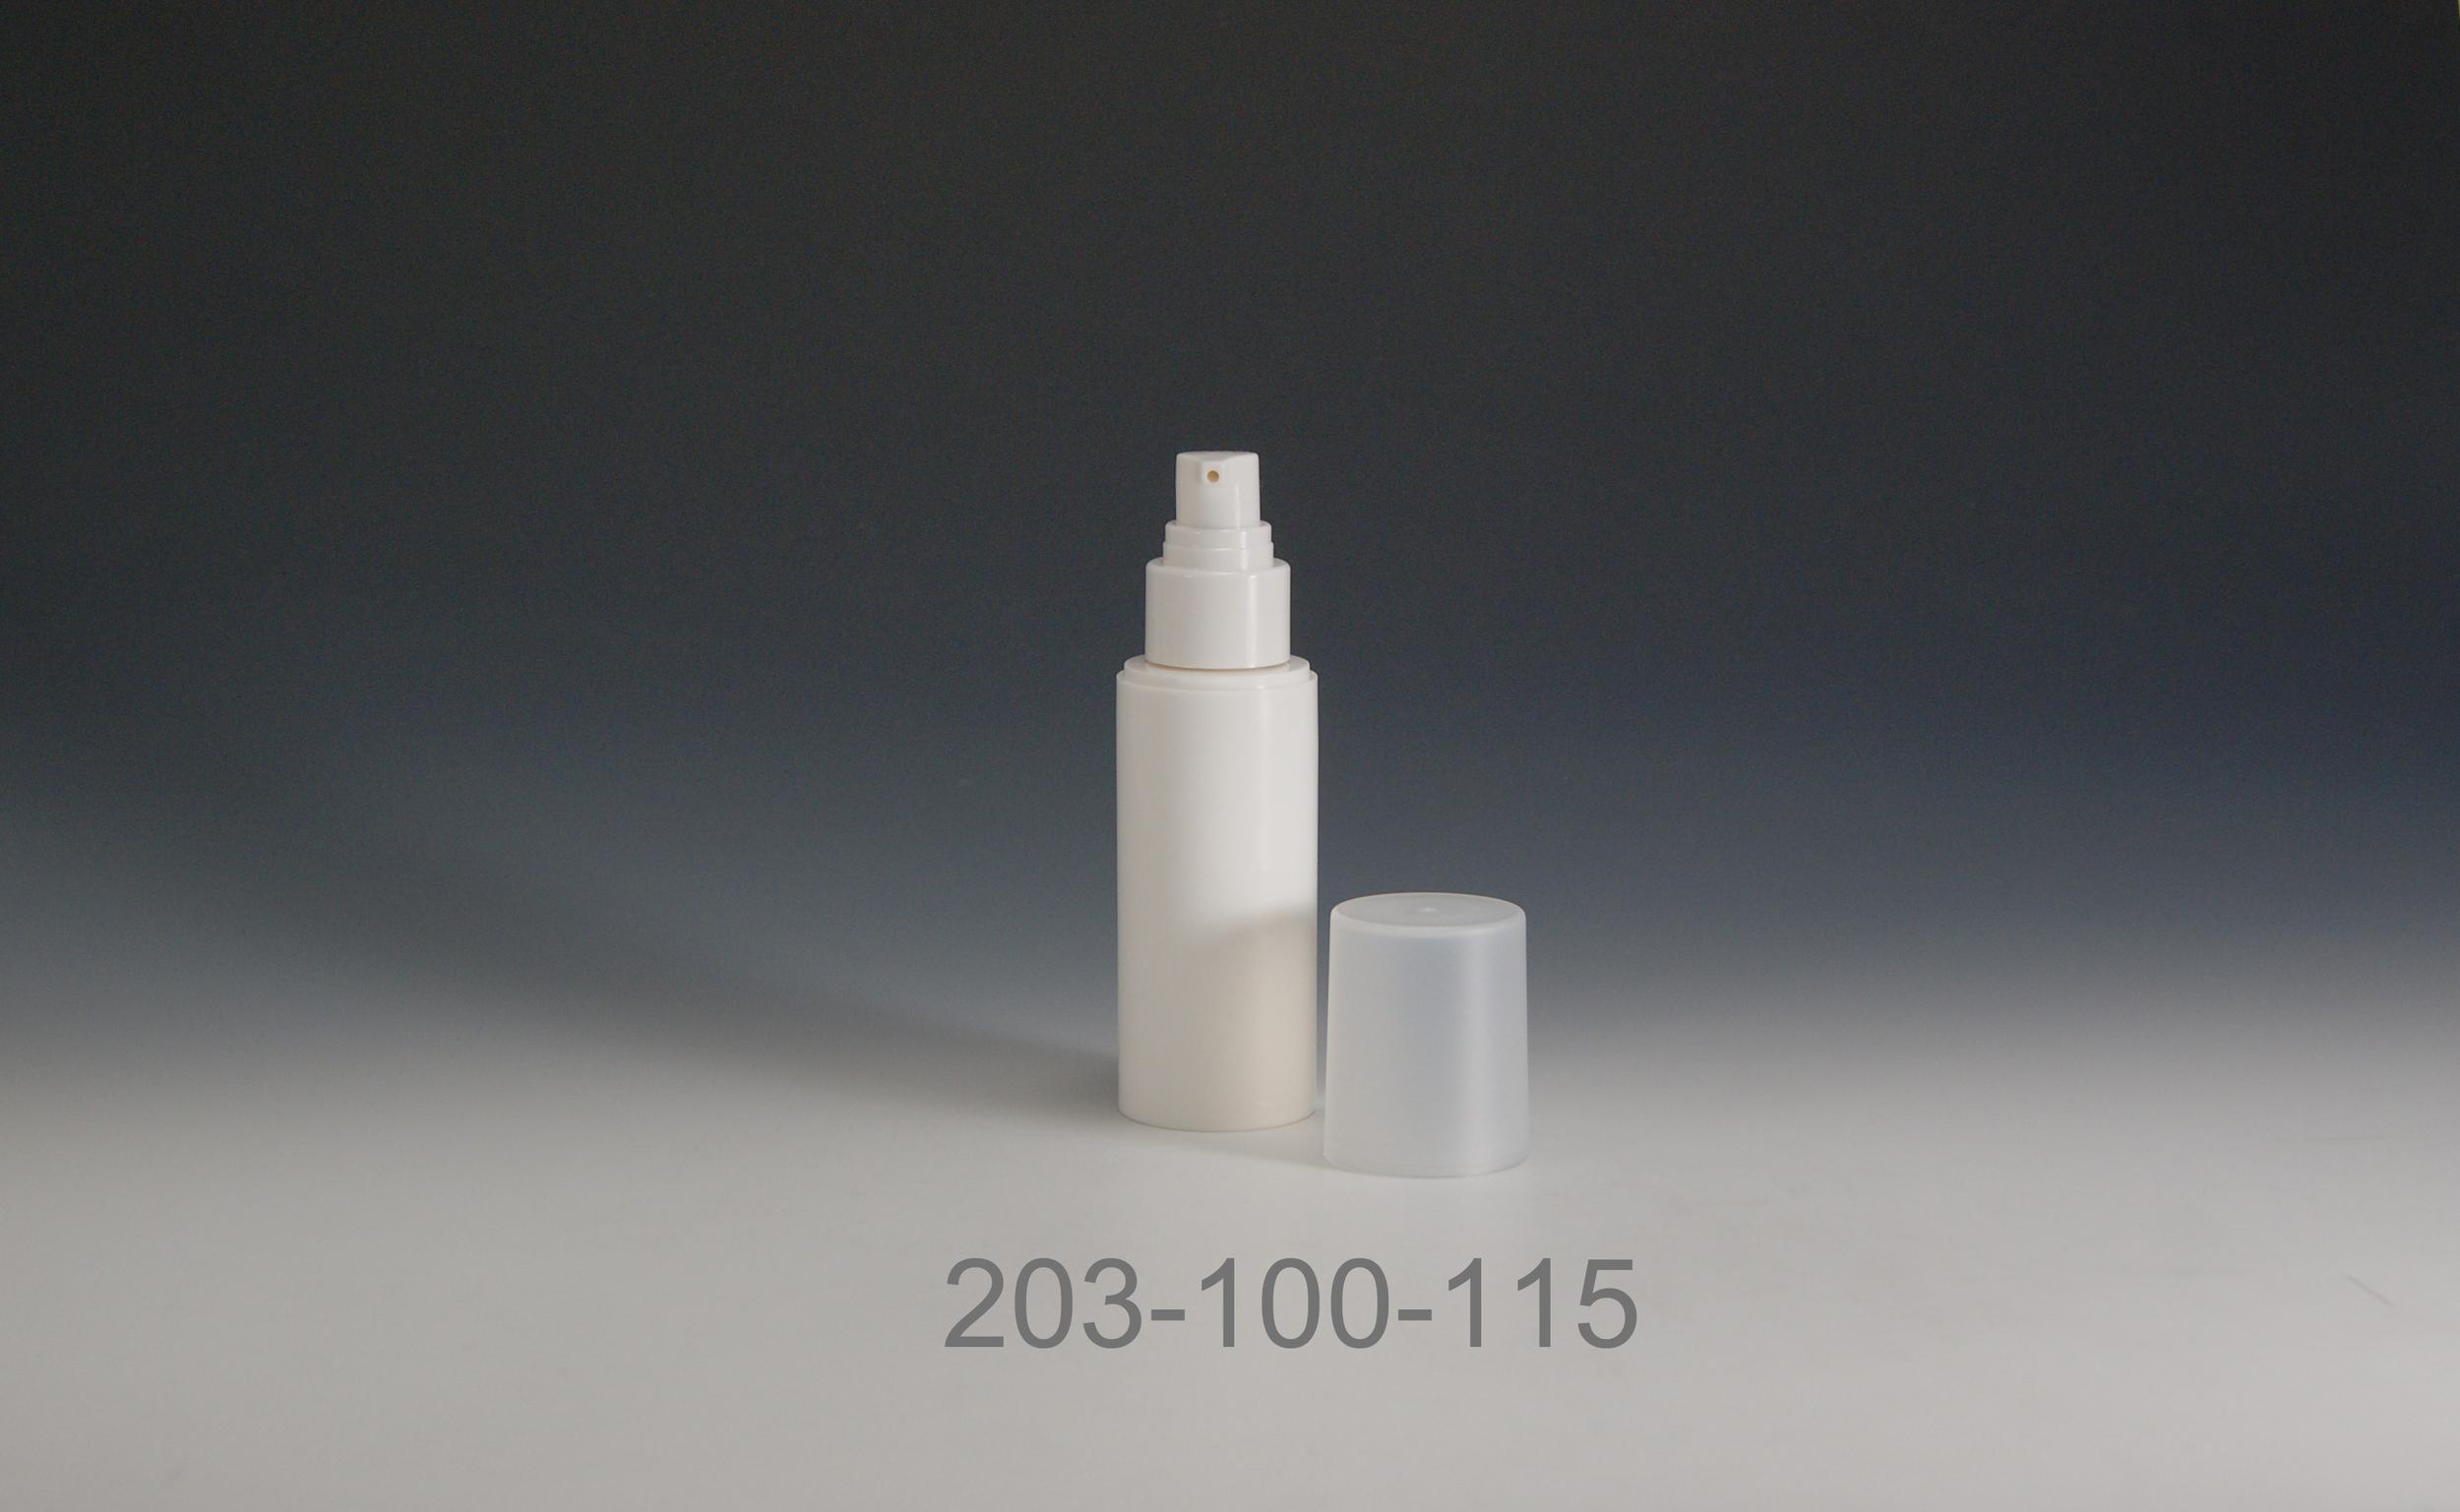 203-100-115.jpg